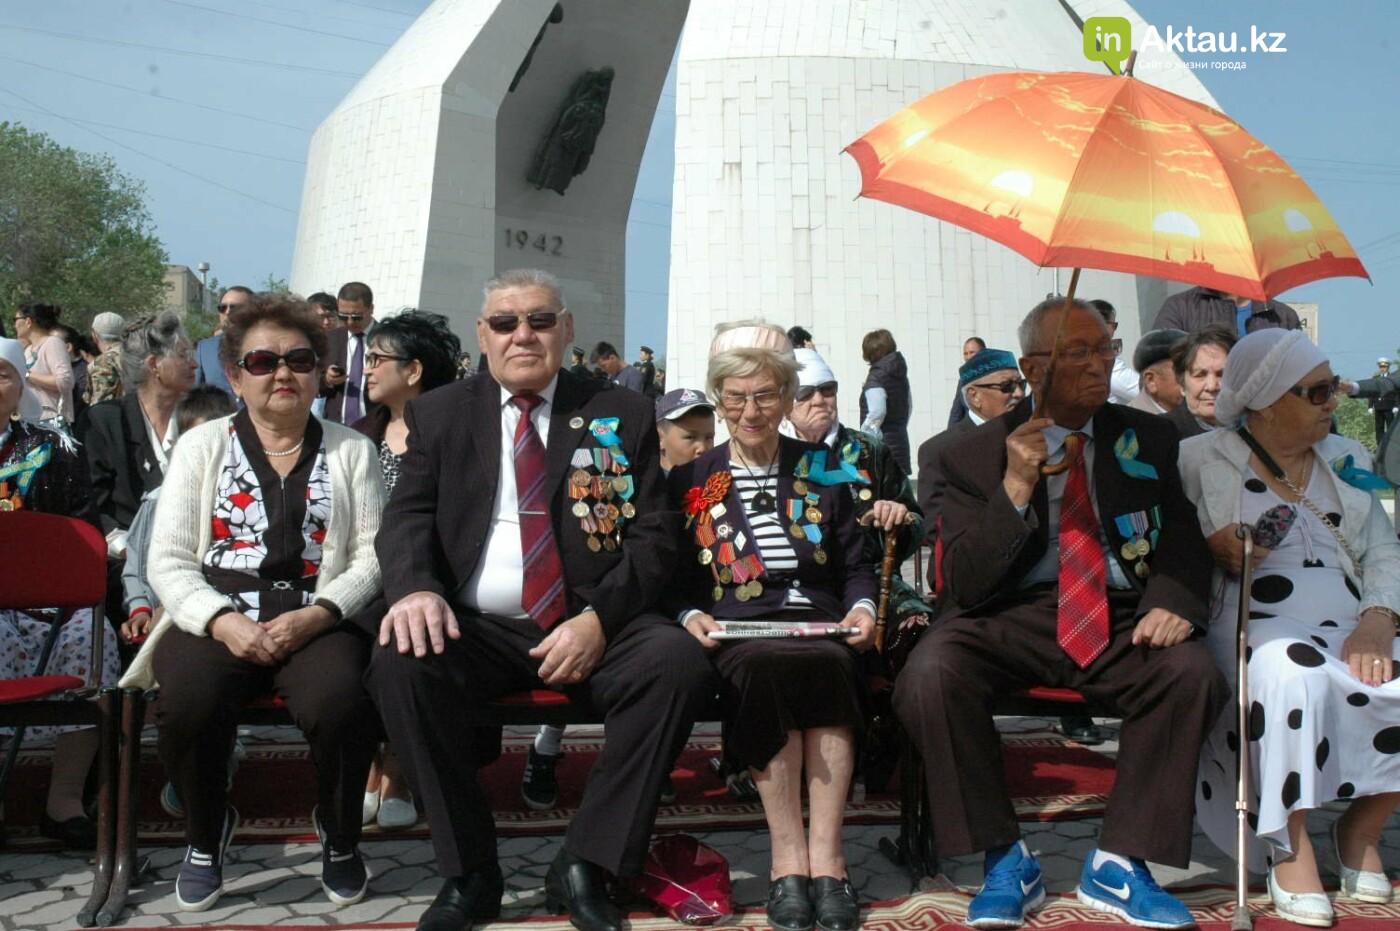 Как праздновали День Победы в Актау (ВИДЕО), фото-64